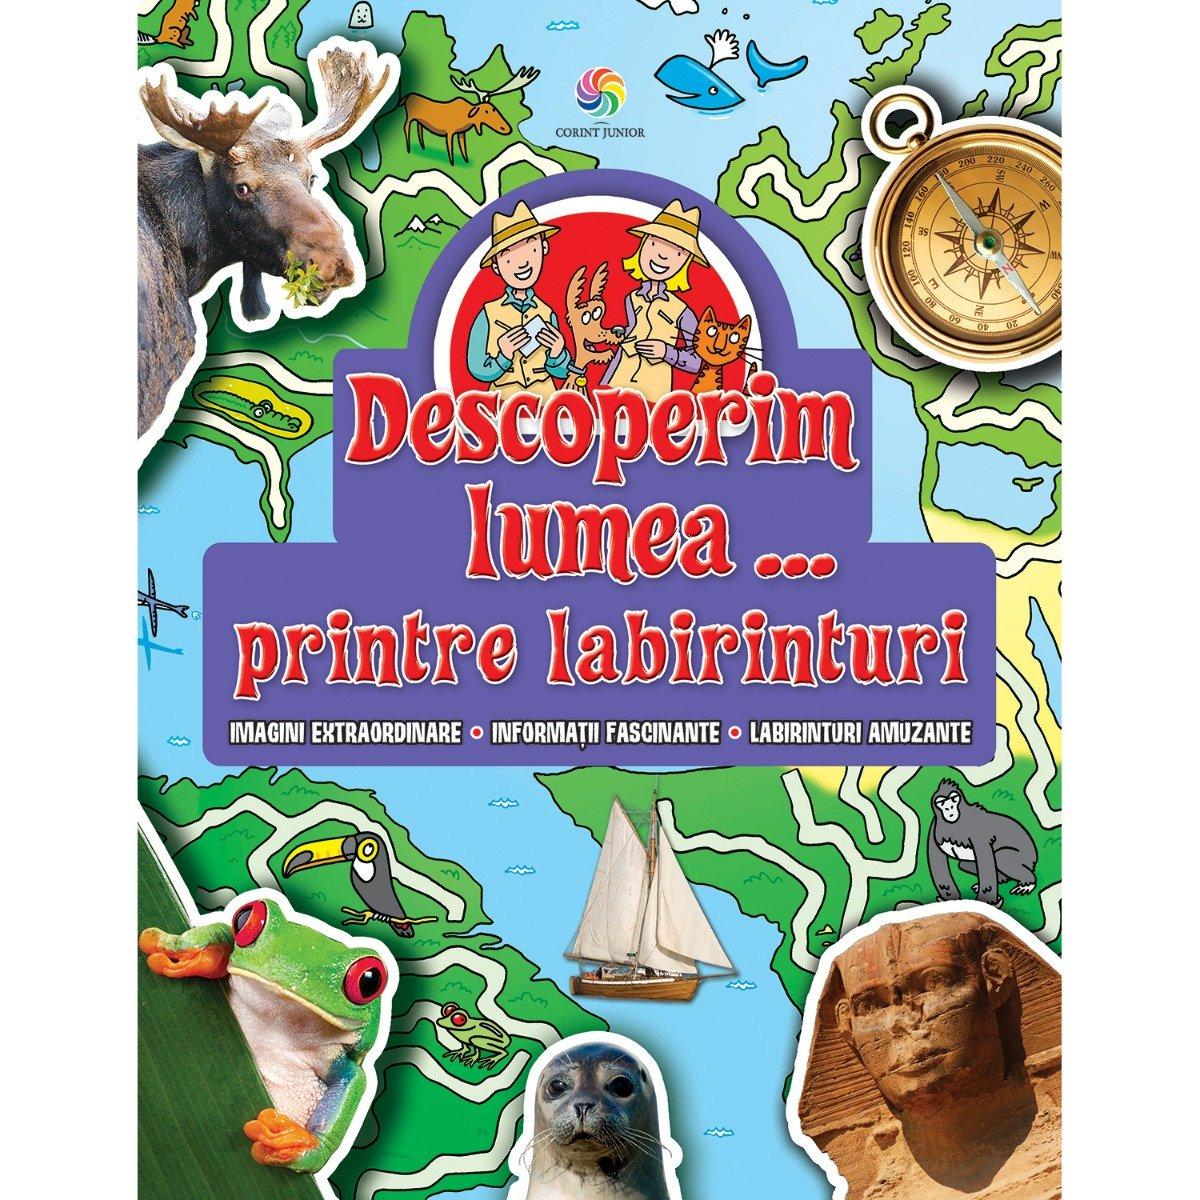 Carte Editura Corint, Descoperim lumea...printre labirinturi